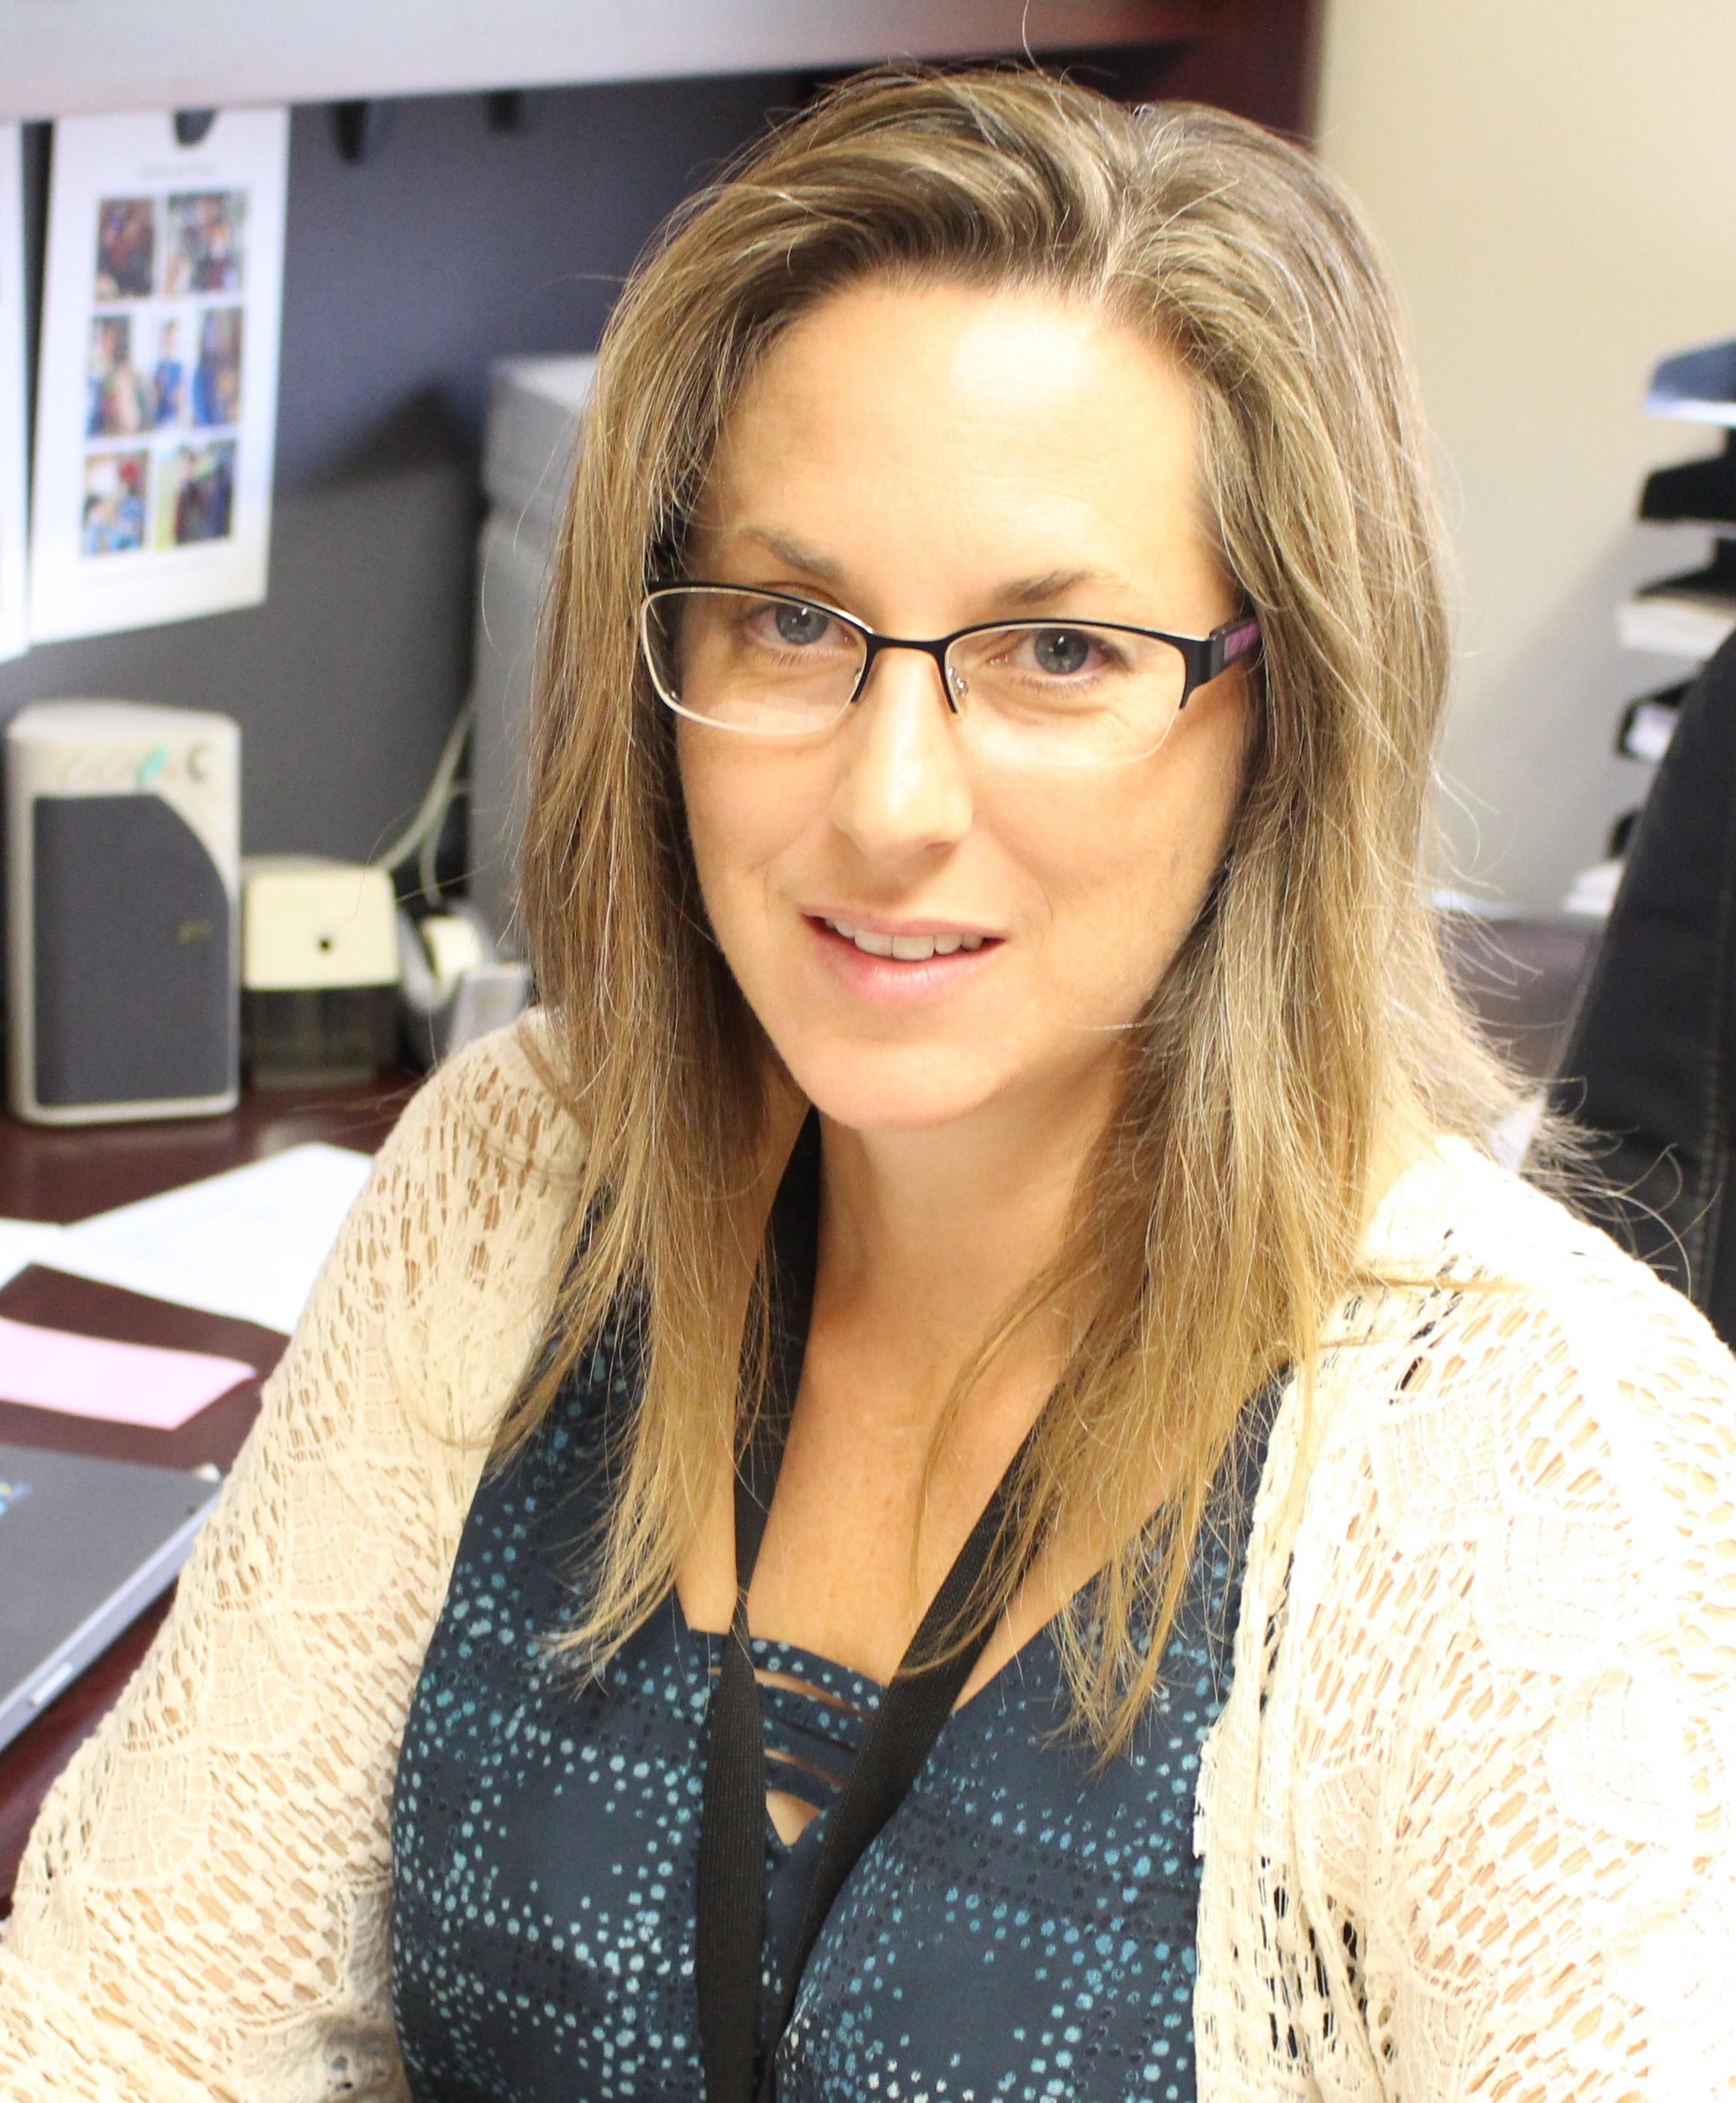 Kathy Blaha